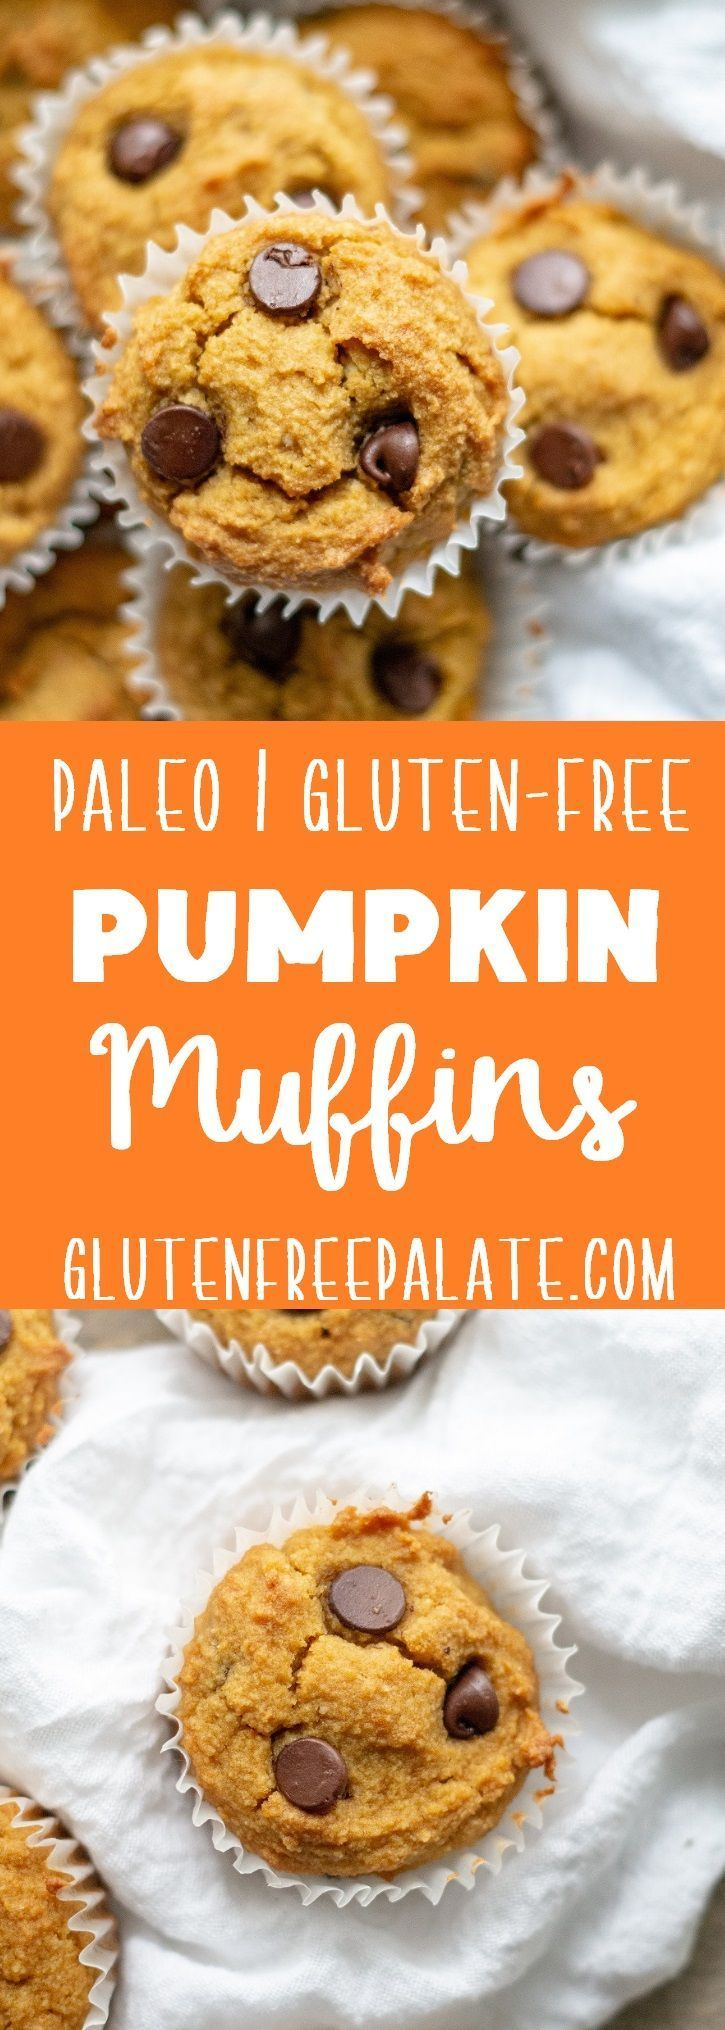 Paleo Pumpkin Muffins #pumpkinmuffins